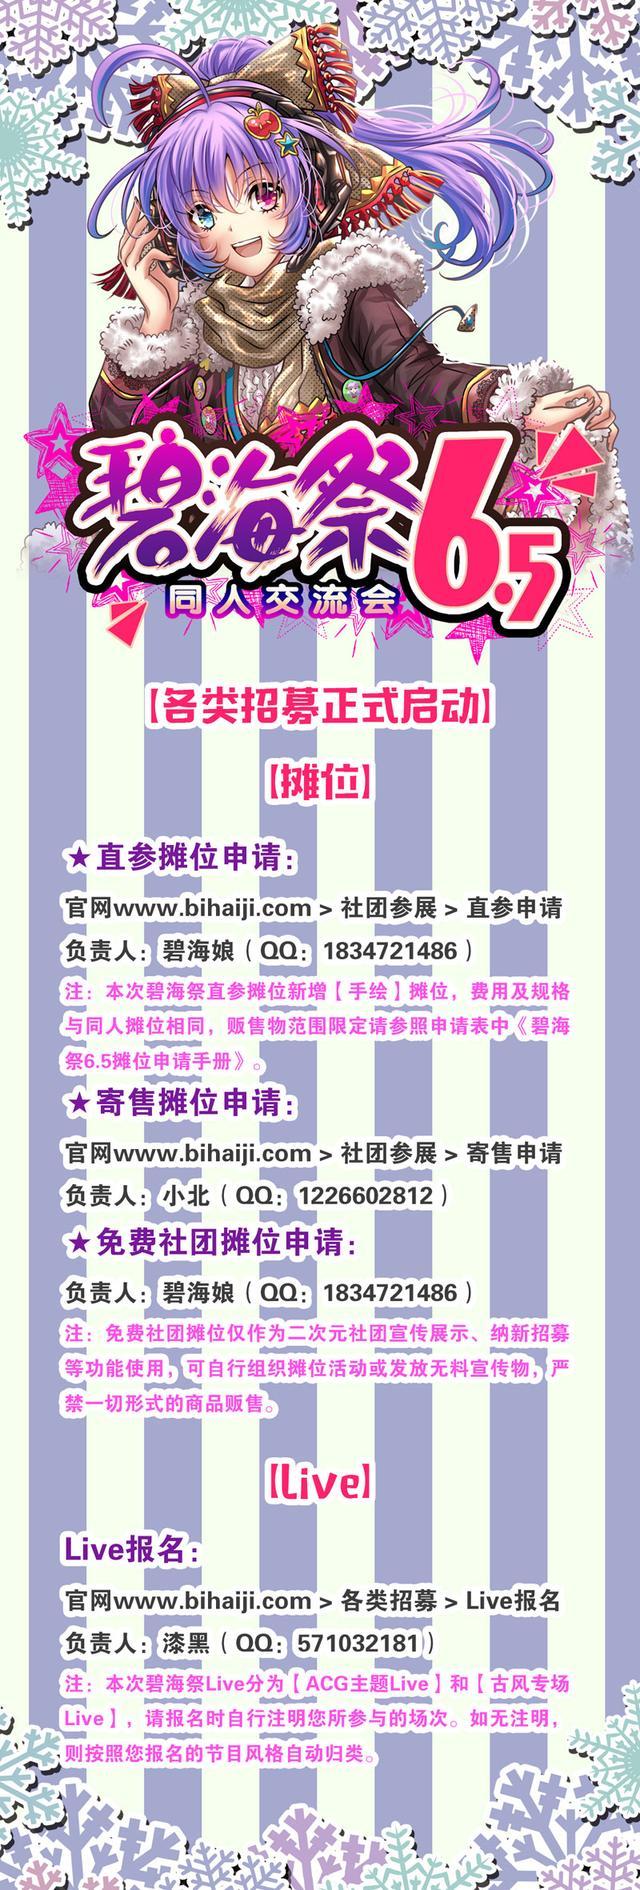 烟台碧海祭BSS6.5——缤纷新年季 漫展 第3张